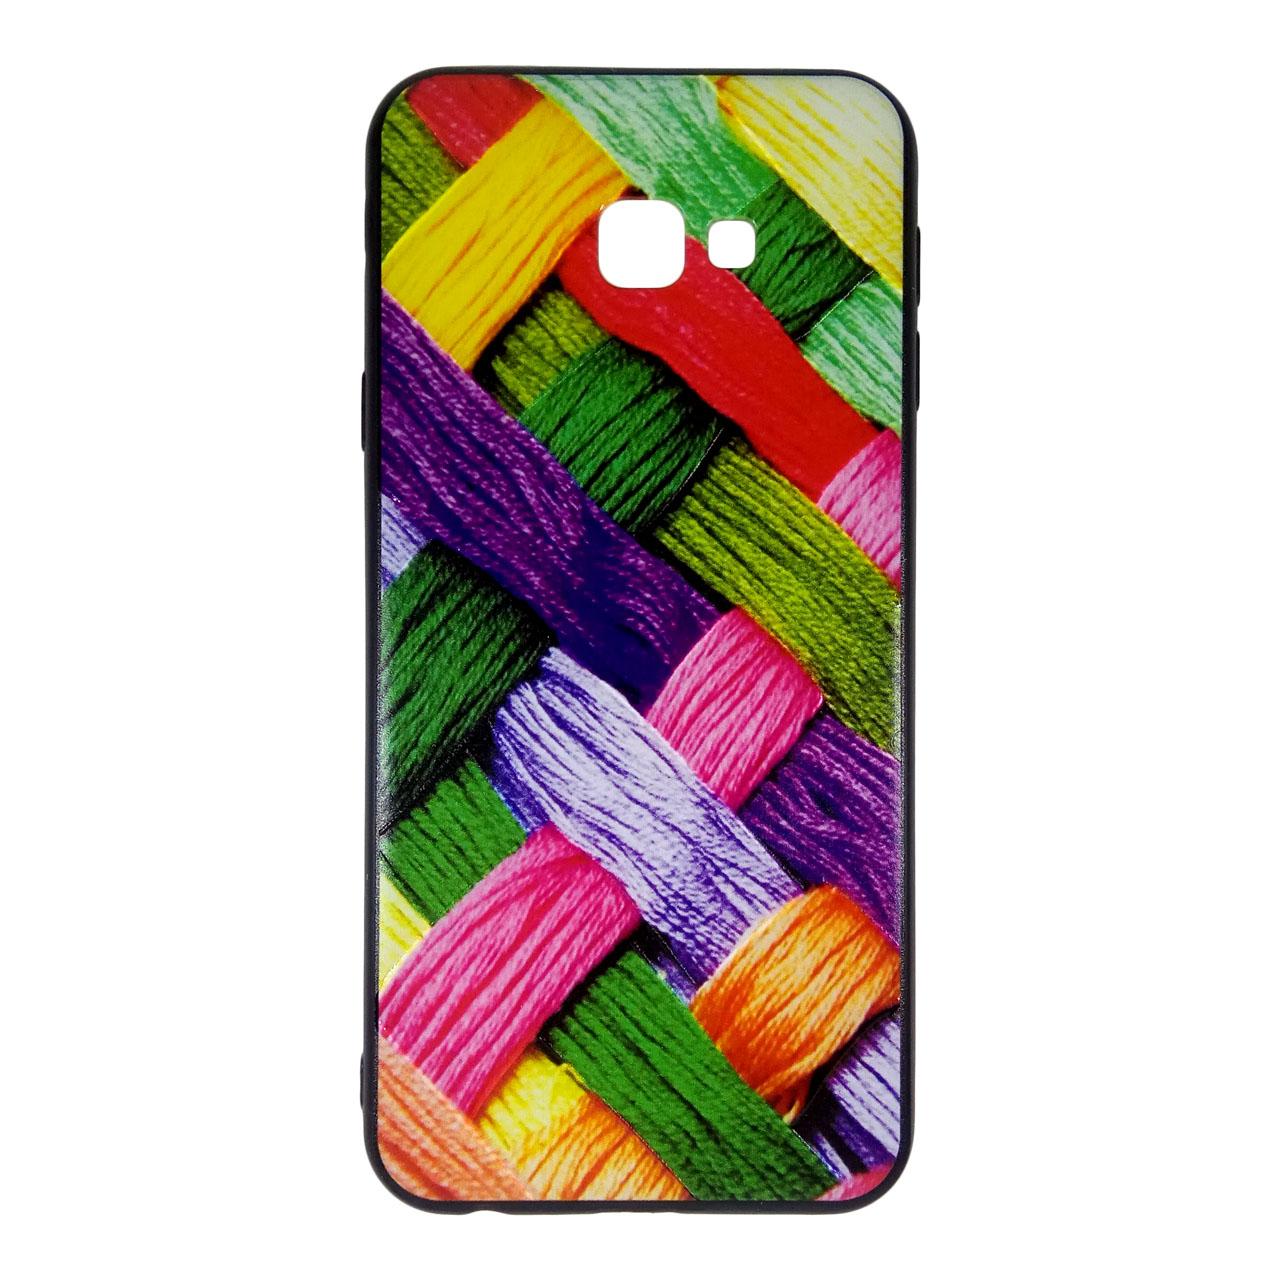 کاور آی پفت طرح بافتنی کد B07 مناسب برای گوشی موبایل سامسونگ Galaxy J4 Plus / J4 Core